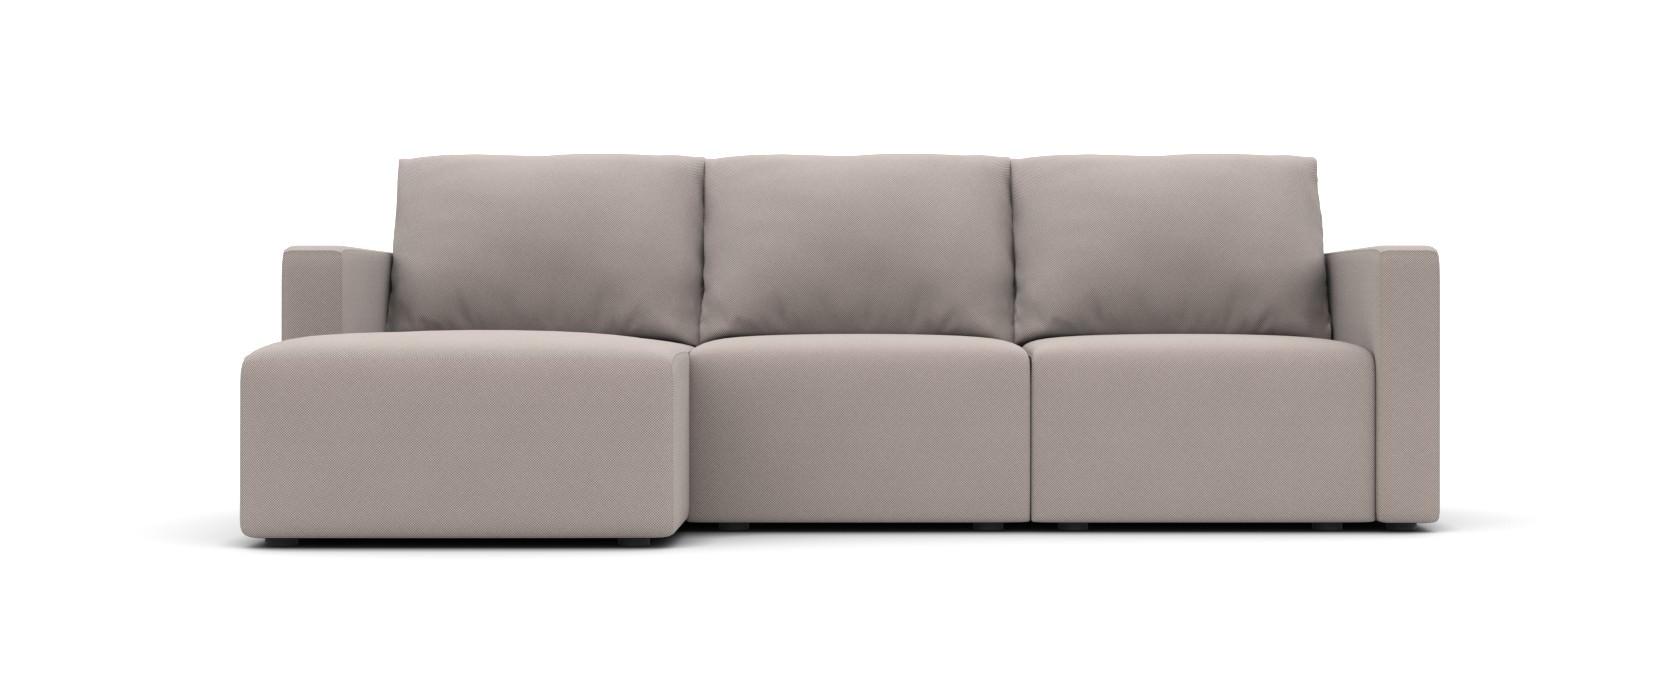 Угловой диван Greta - Фото 1 - Pufetto